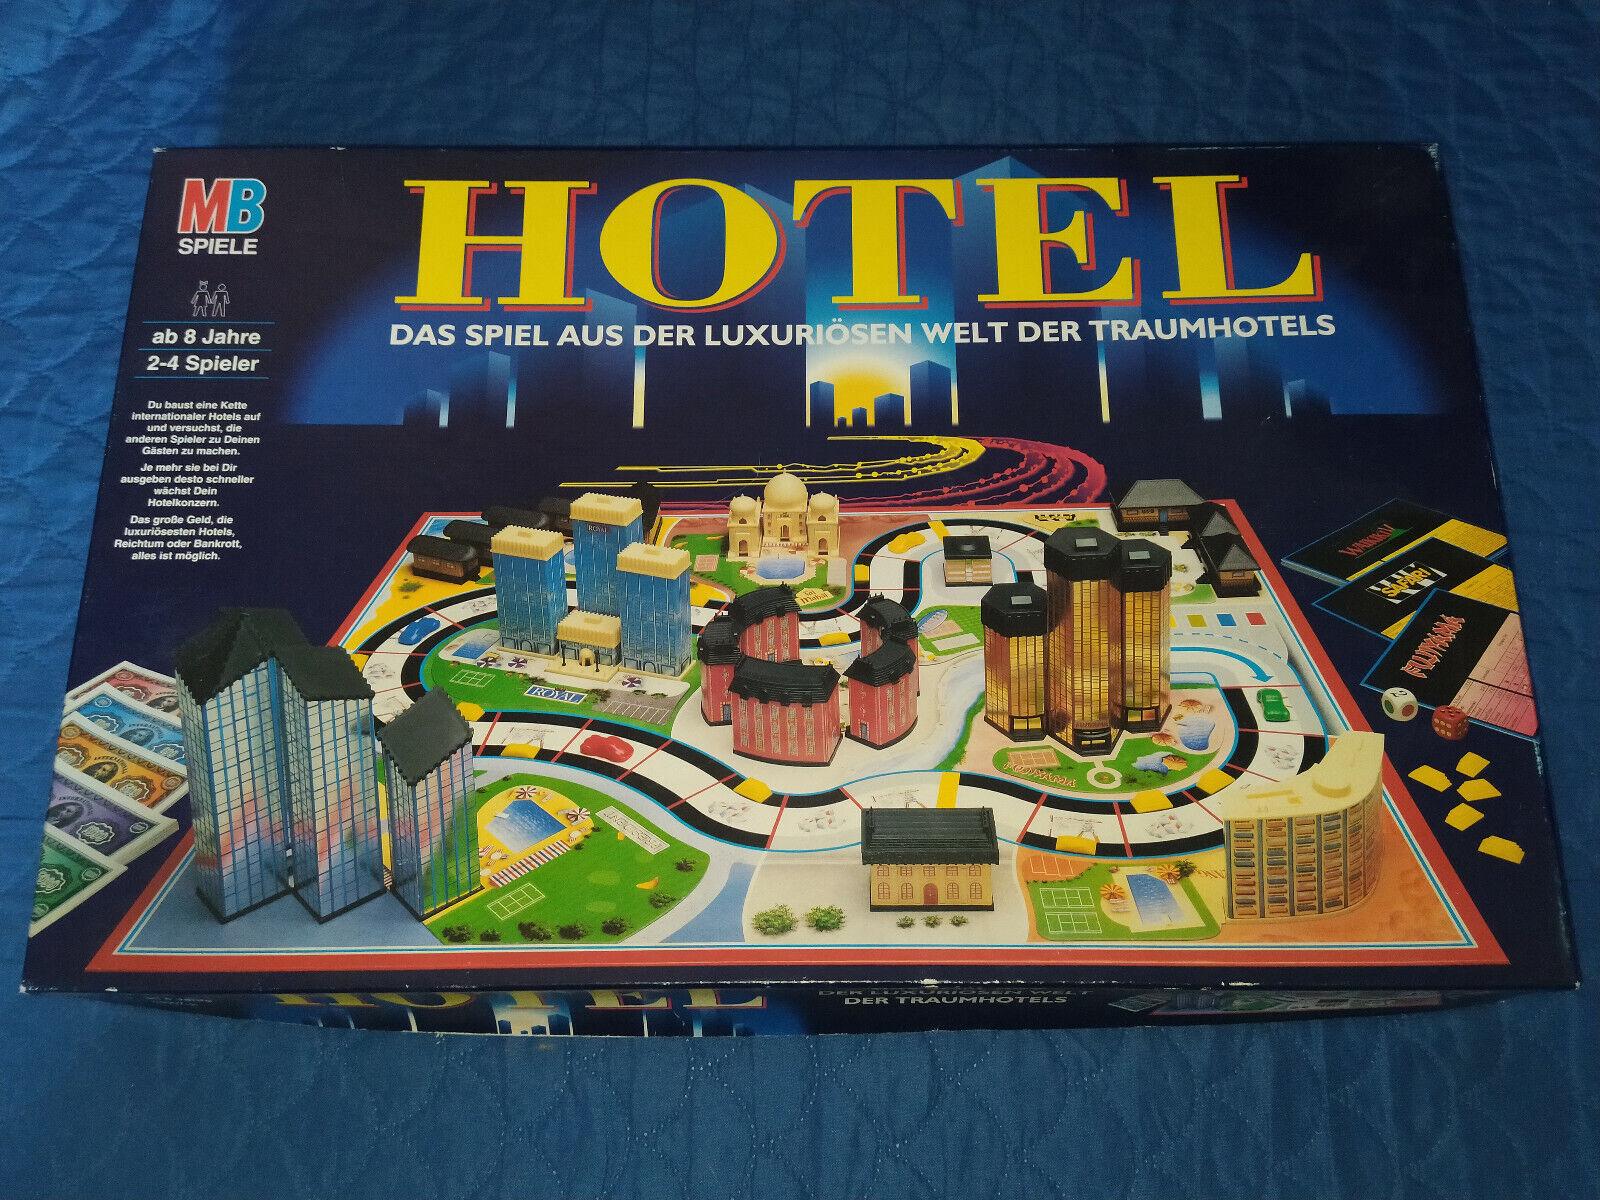 Hotel Brettspiel MB Spiele 14313 Komplett | Spiele